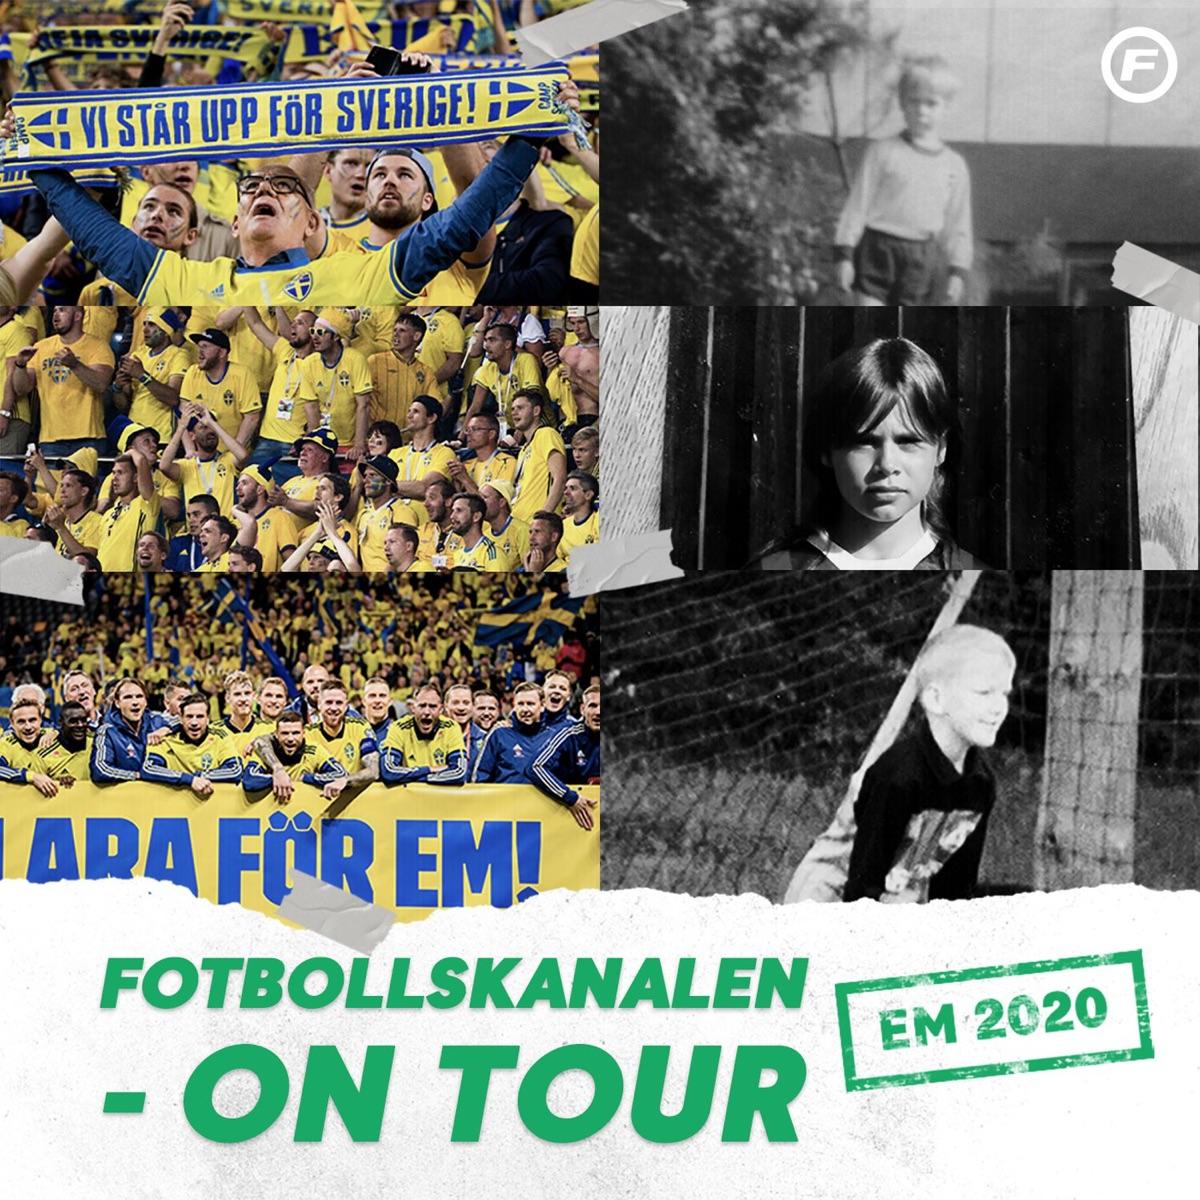 Fotbollskanalen on tour - EM 2020